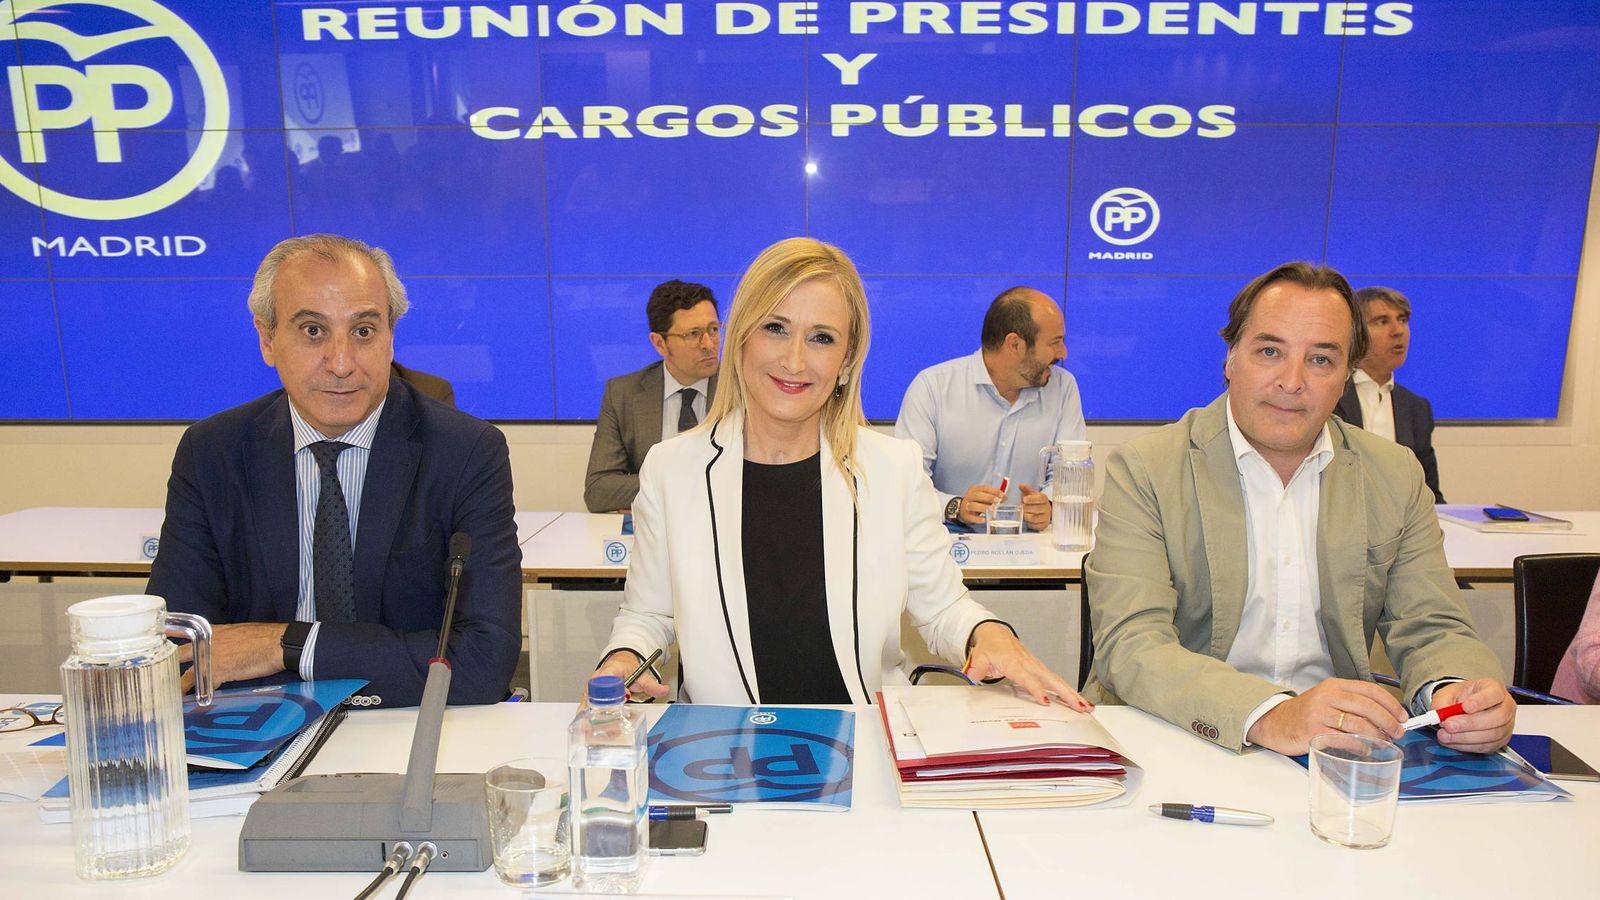 Foto: Cristina Cifuentes y Jaime González Taboada, consejero de Medio Ambiente.